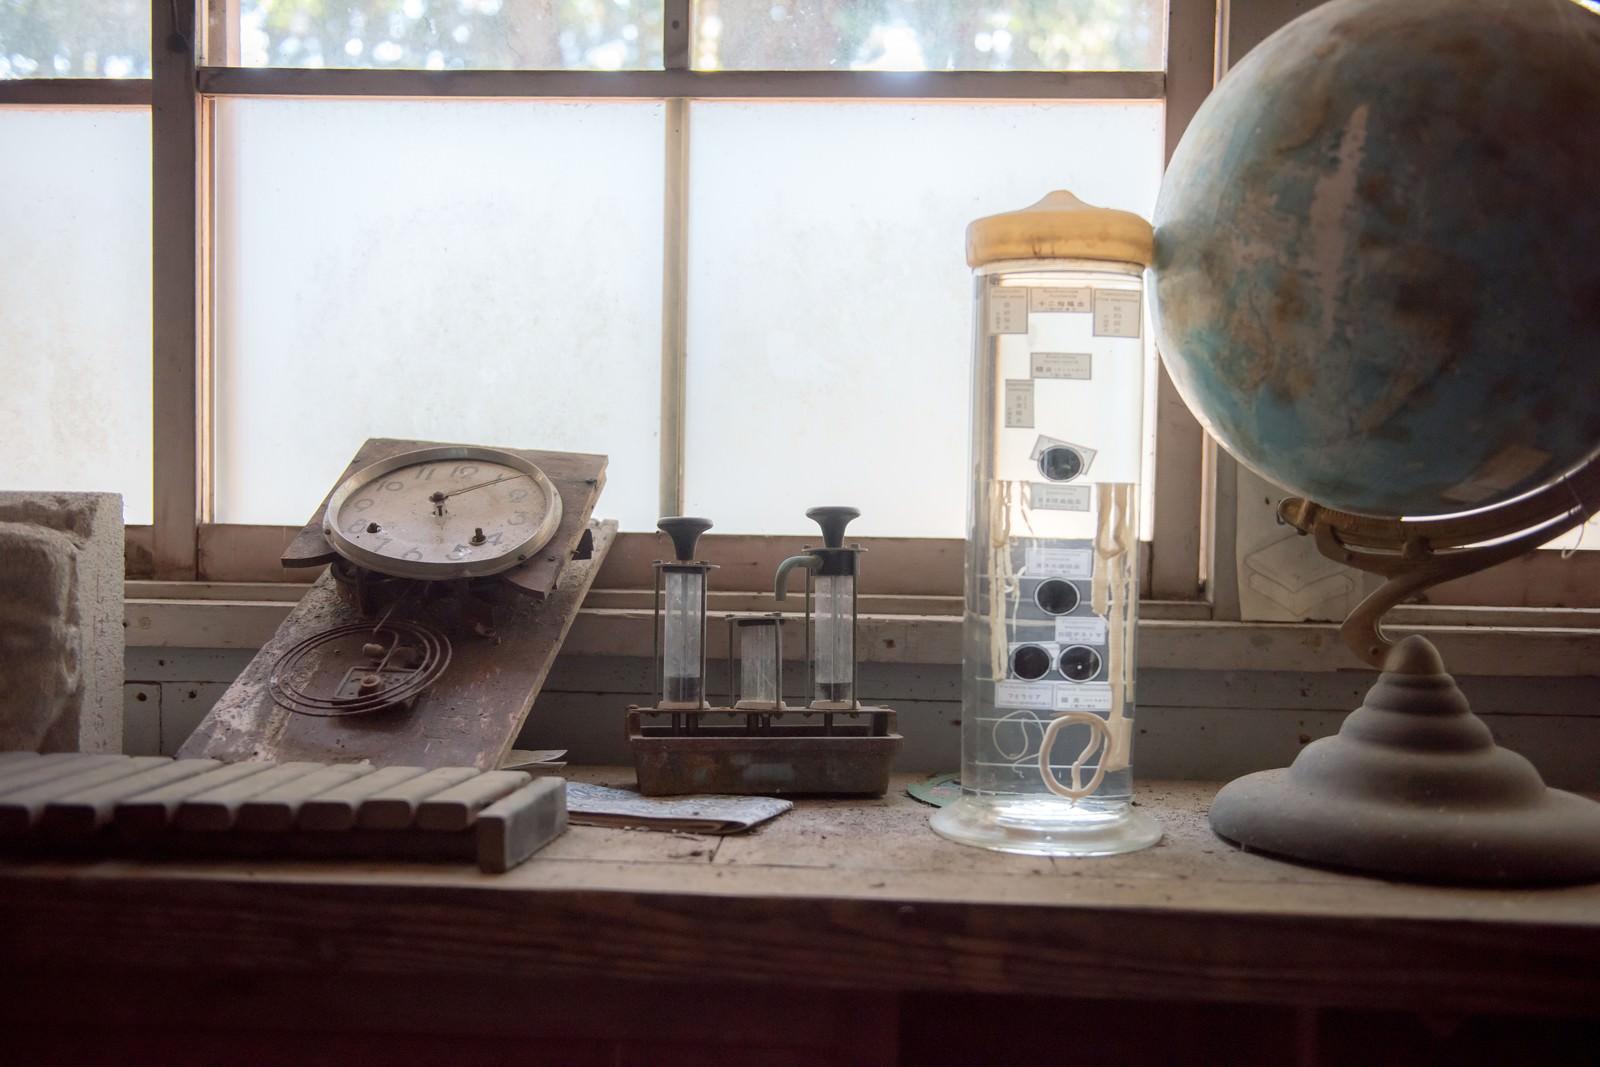 「廃校で見かけた備品」の写真